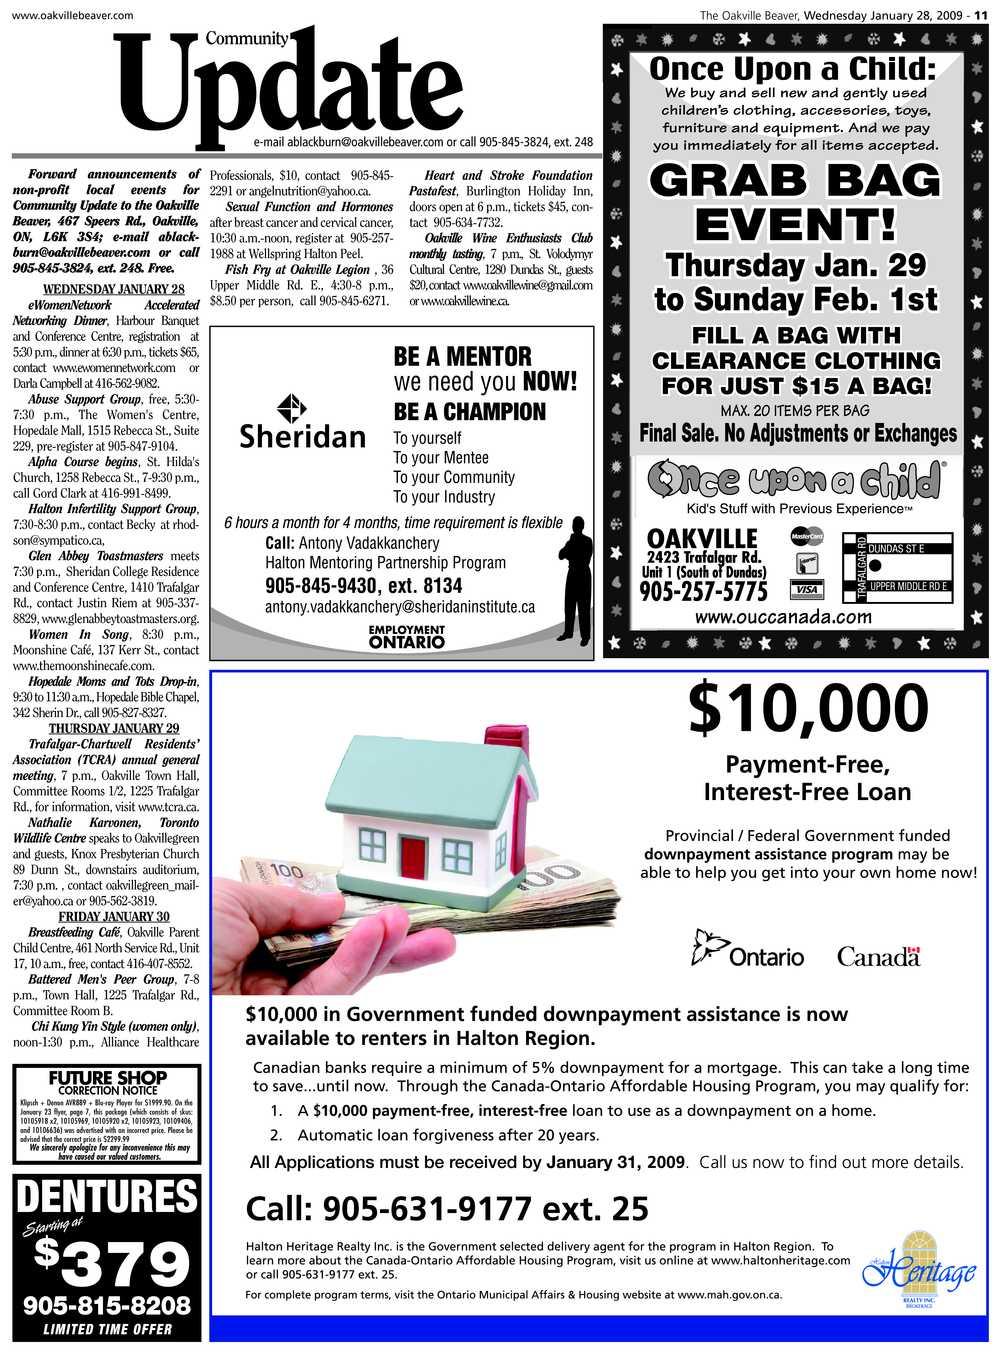 Oakville Beaver, 28 Jan 2009